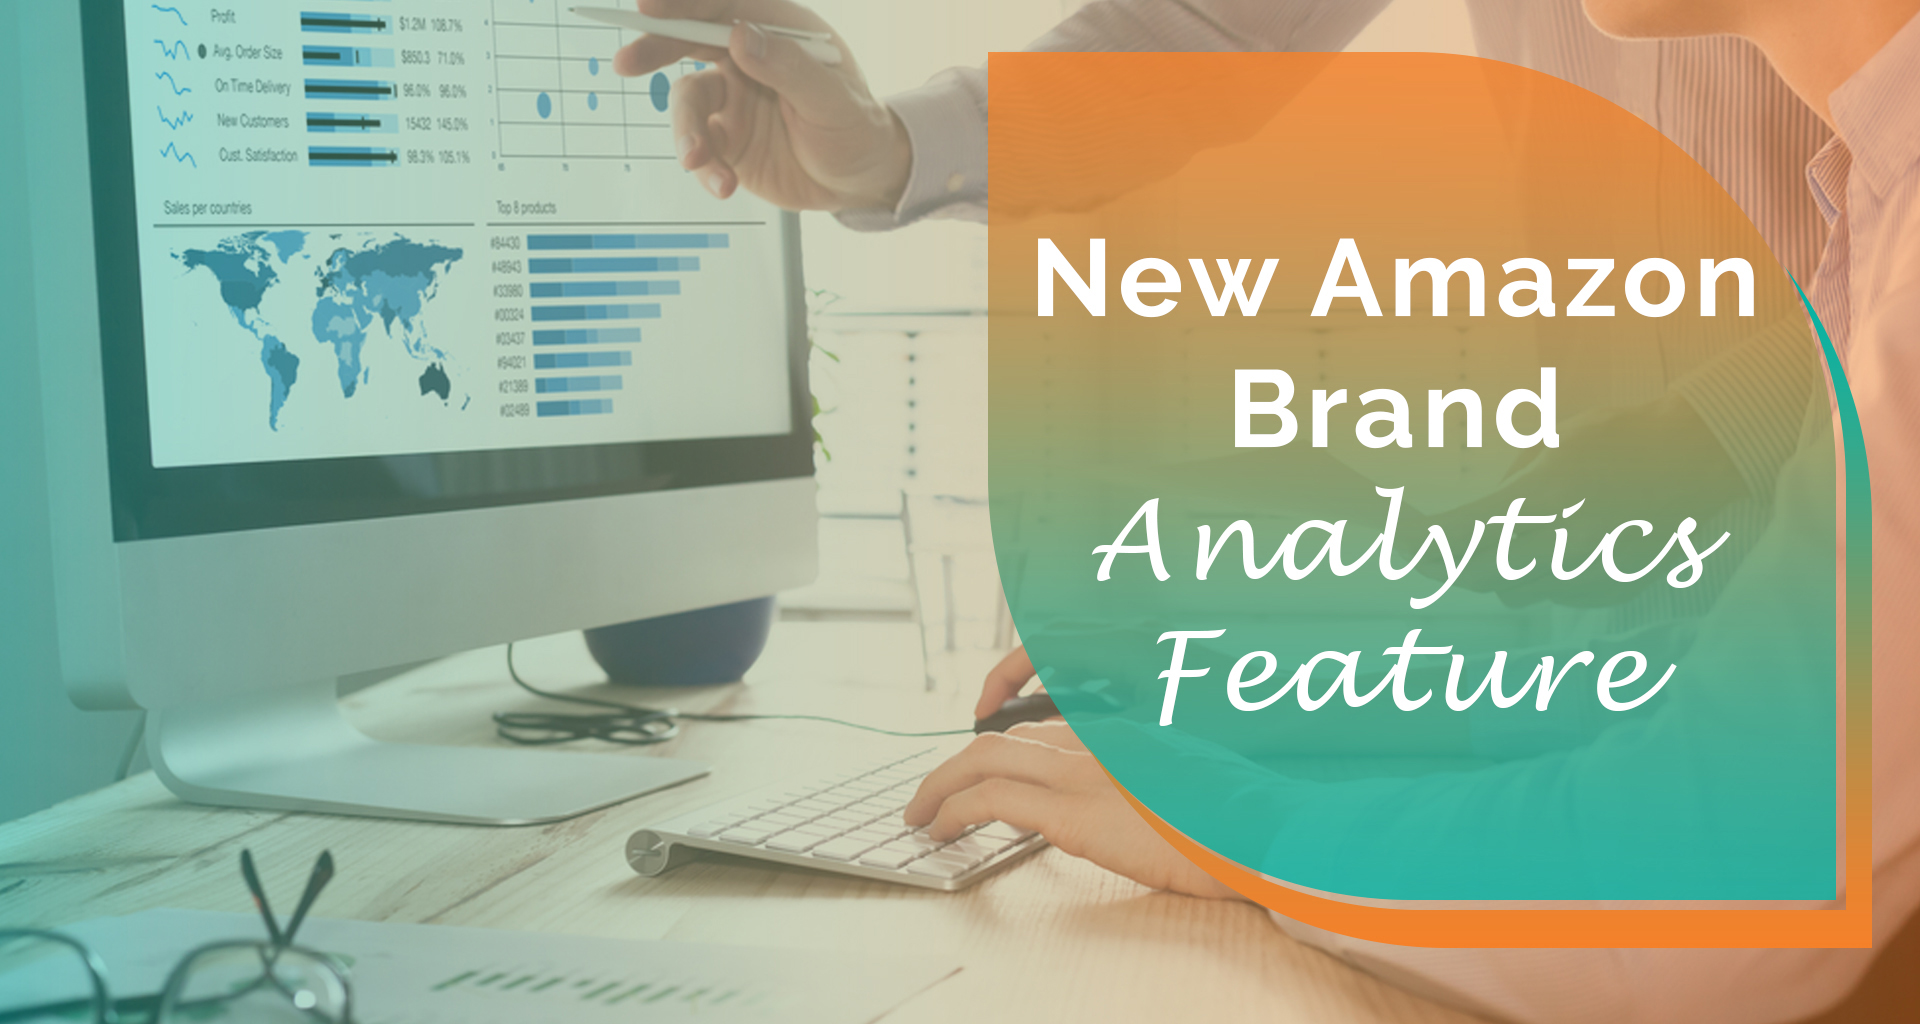 New Amazon Brand Analytics Features